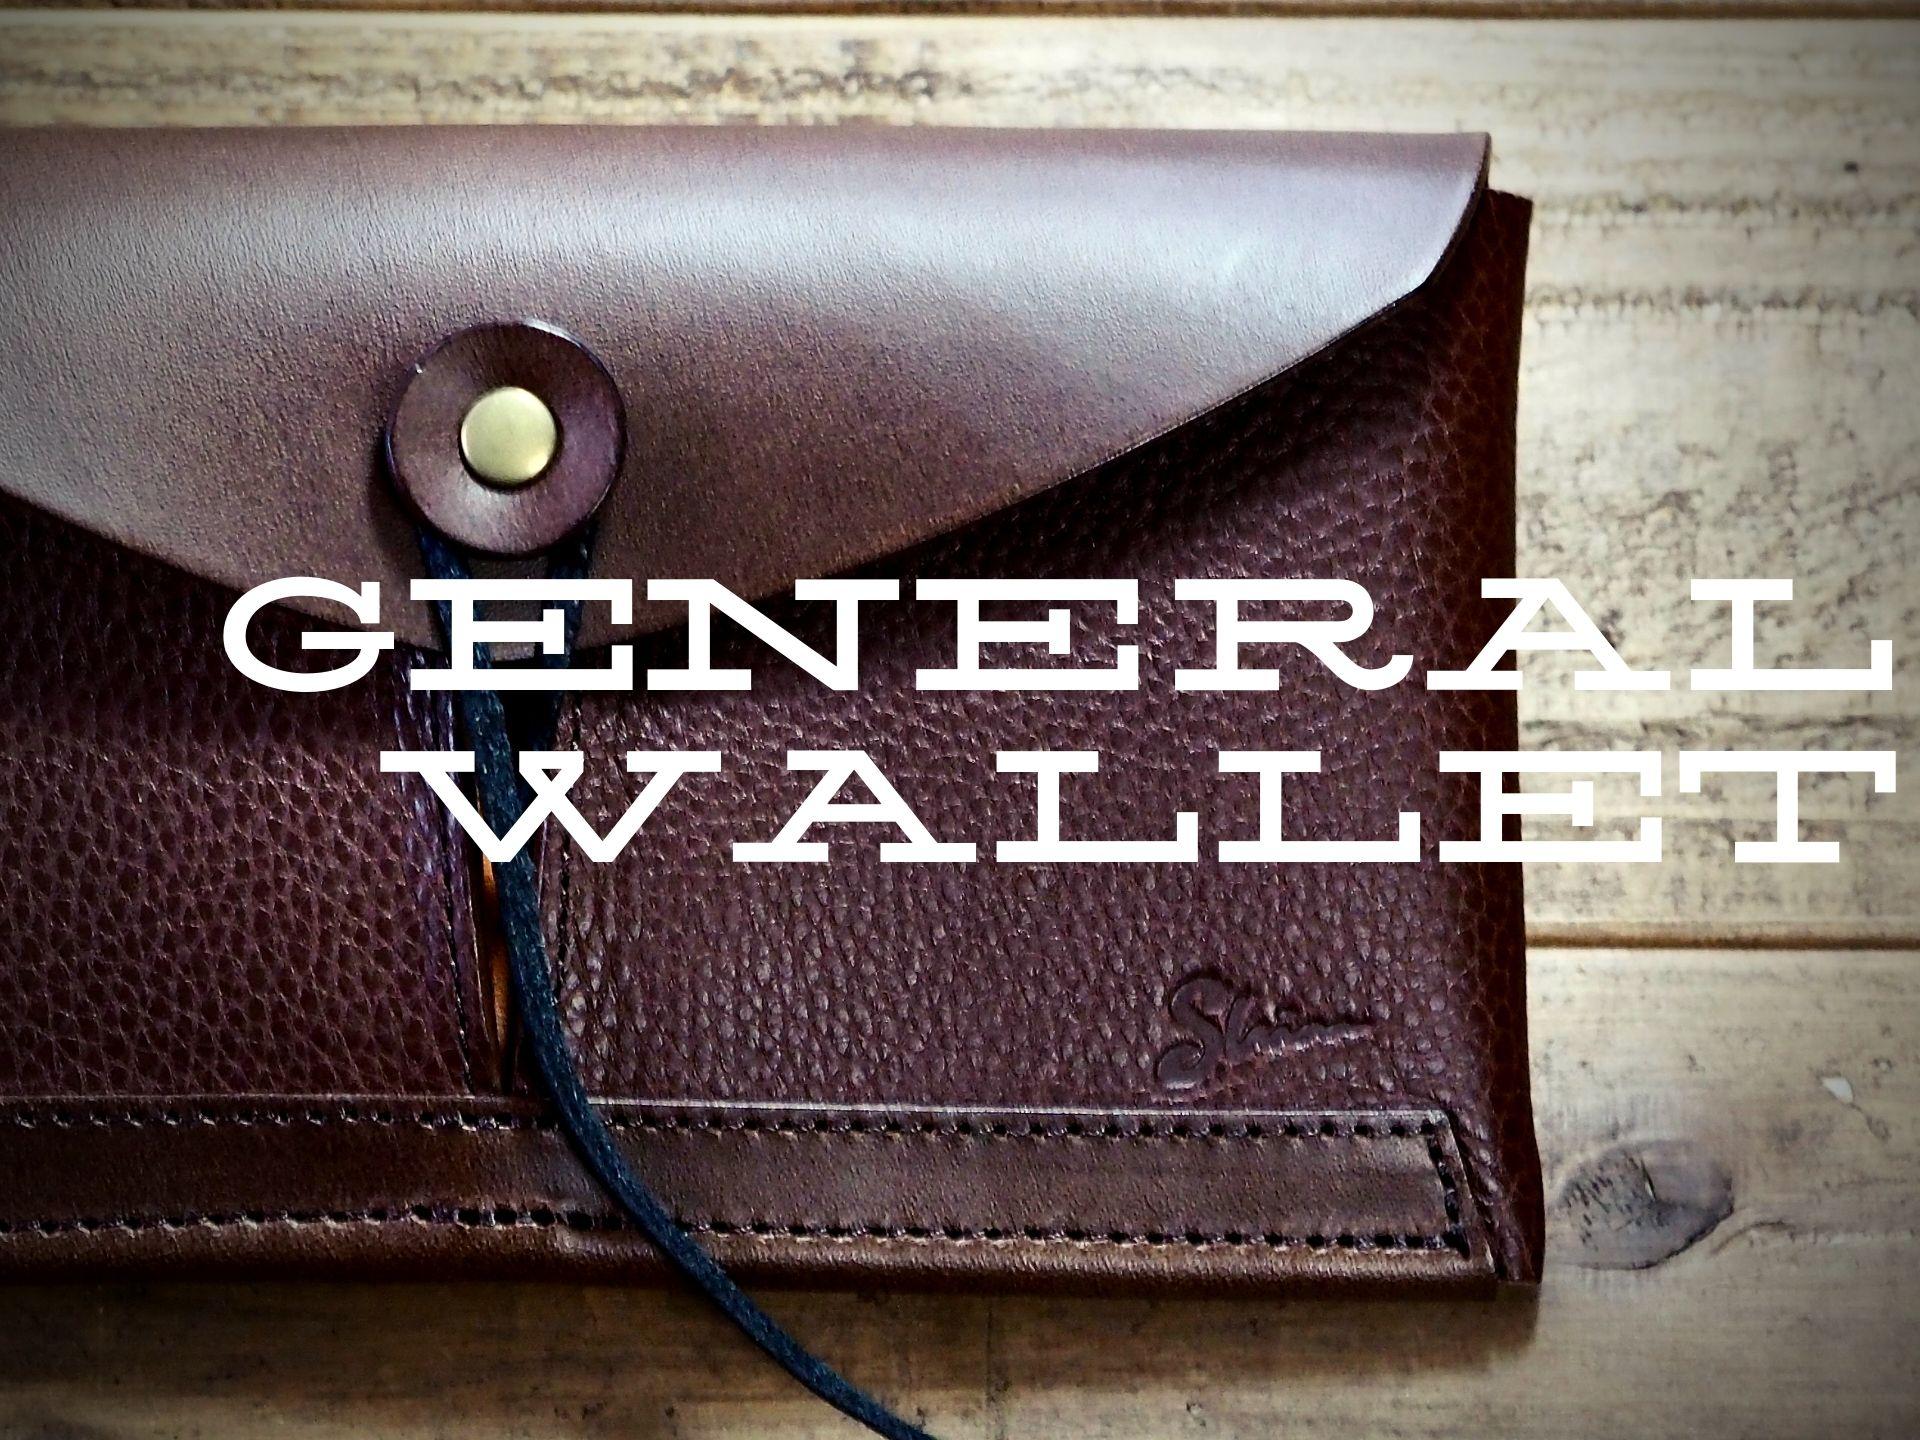 通帳入れ、オーガナイザーにもなる革財布「ジェネラルウォレット」